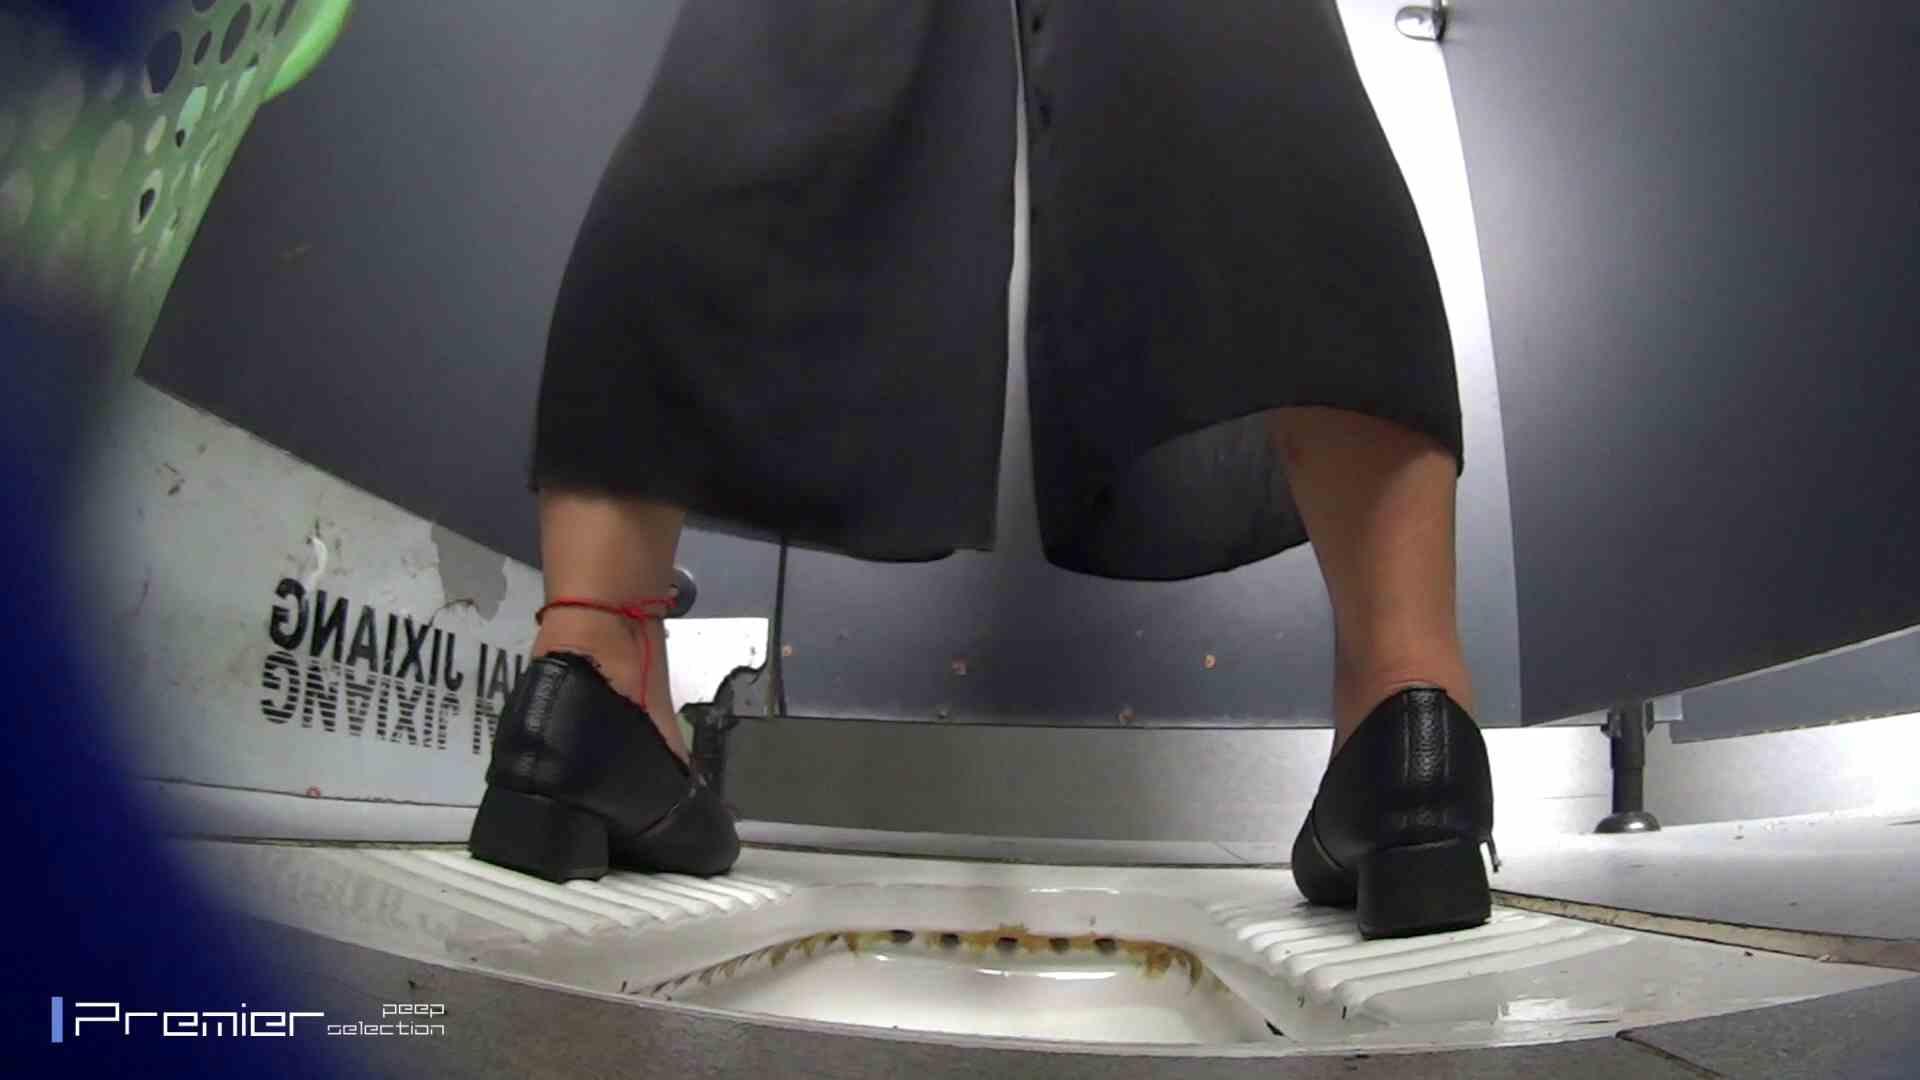 夏全開!ハーフパンツのギャル達 大学休憩時間の洗面所事情44 パンツ特集 ワレメ動画紹介 105画像 11